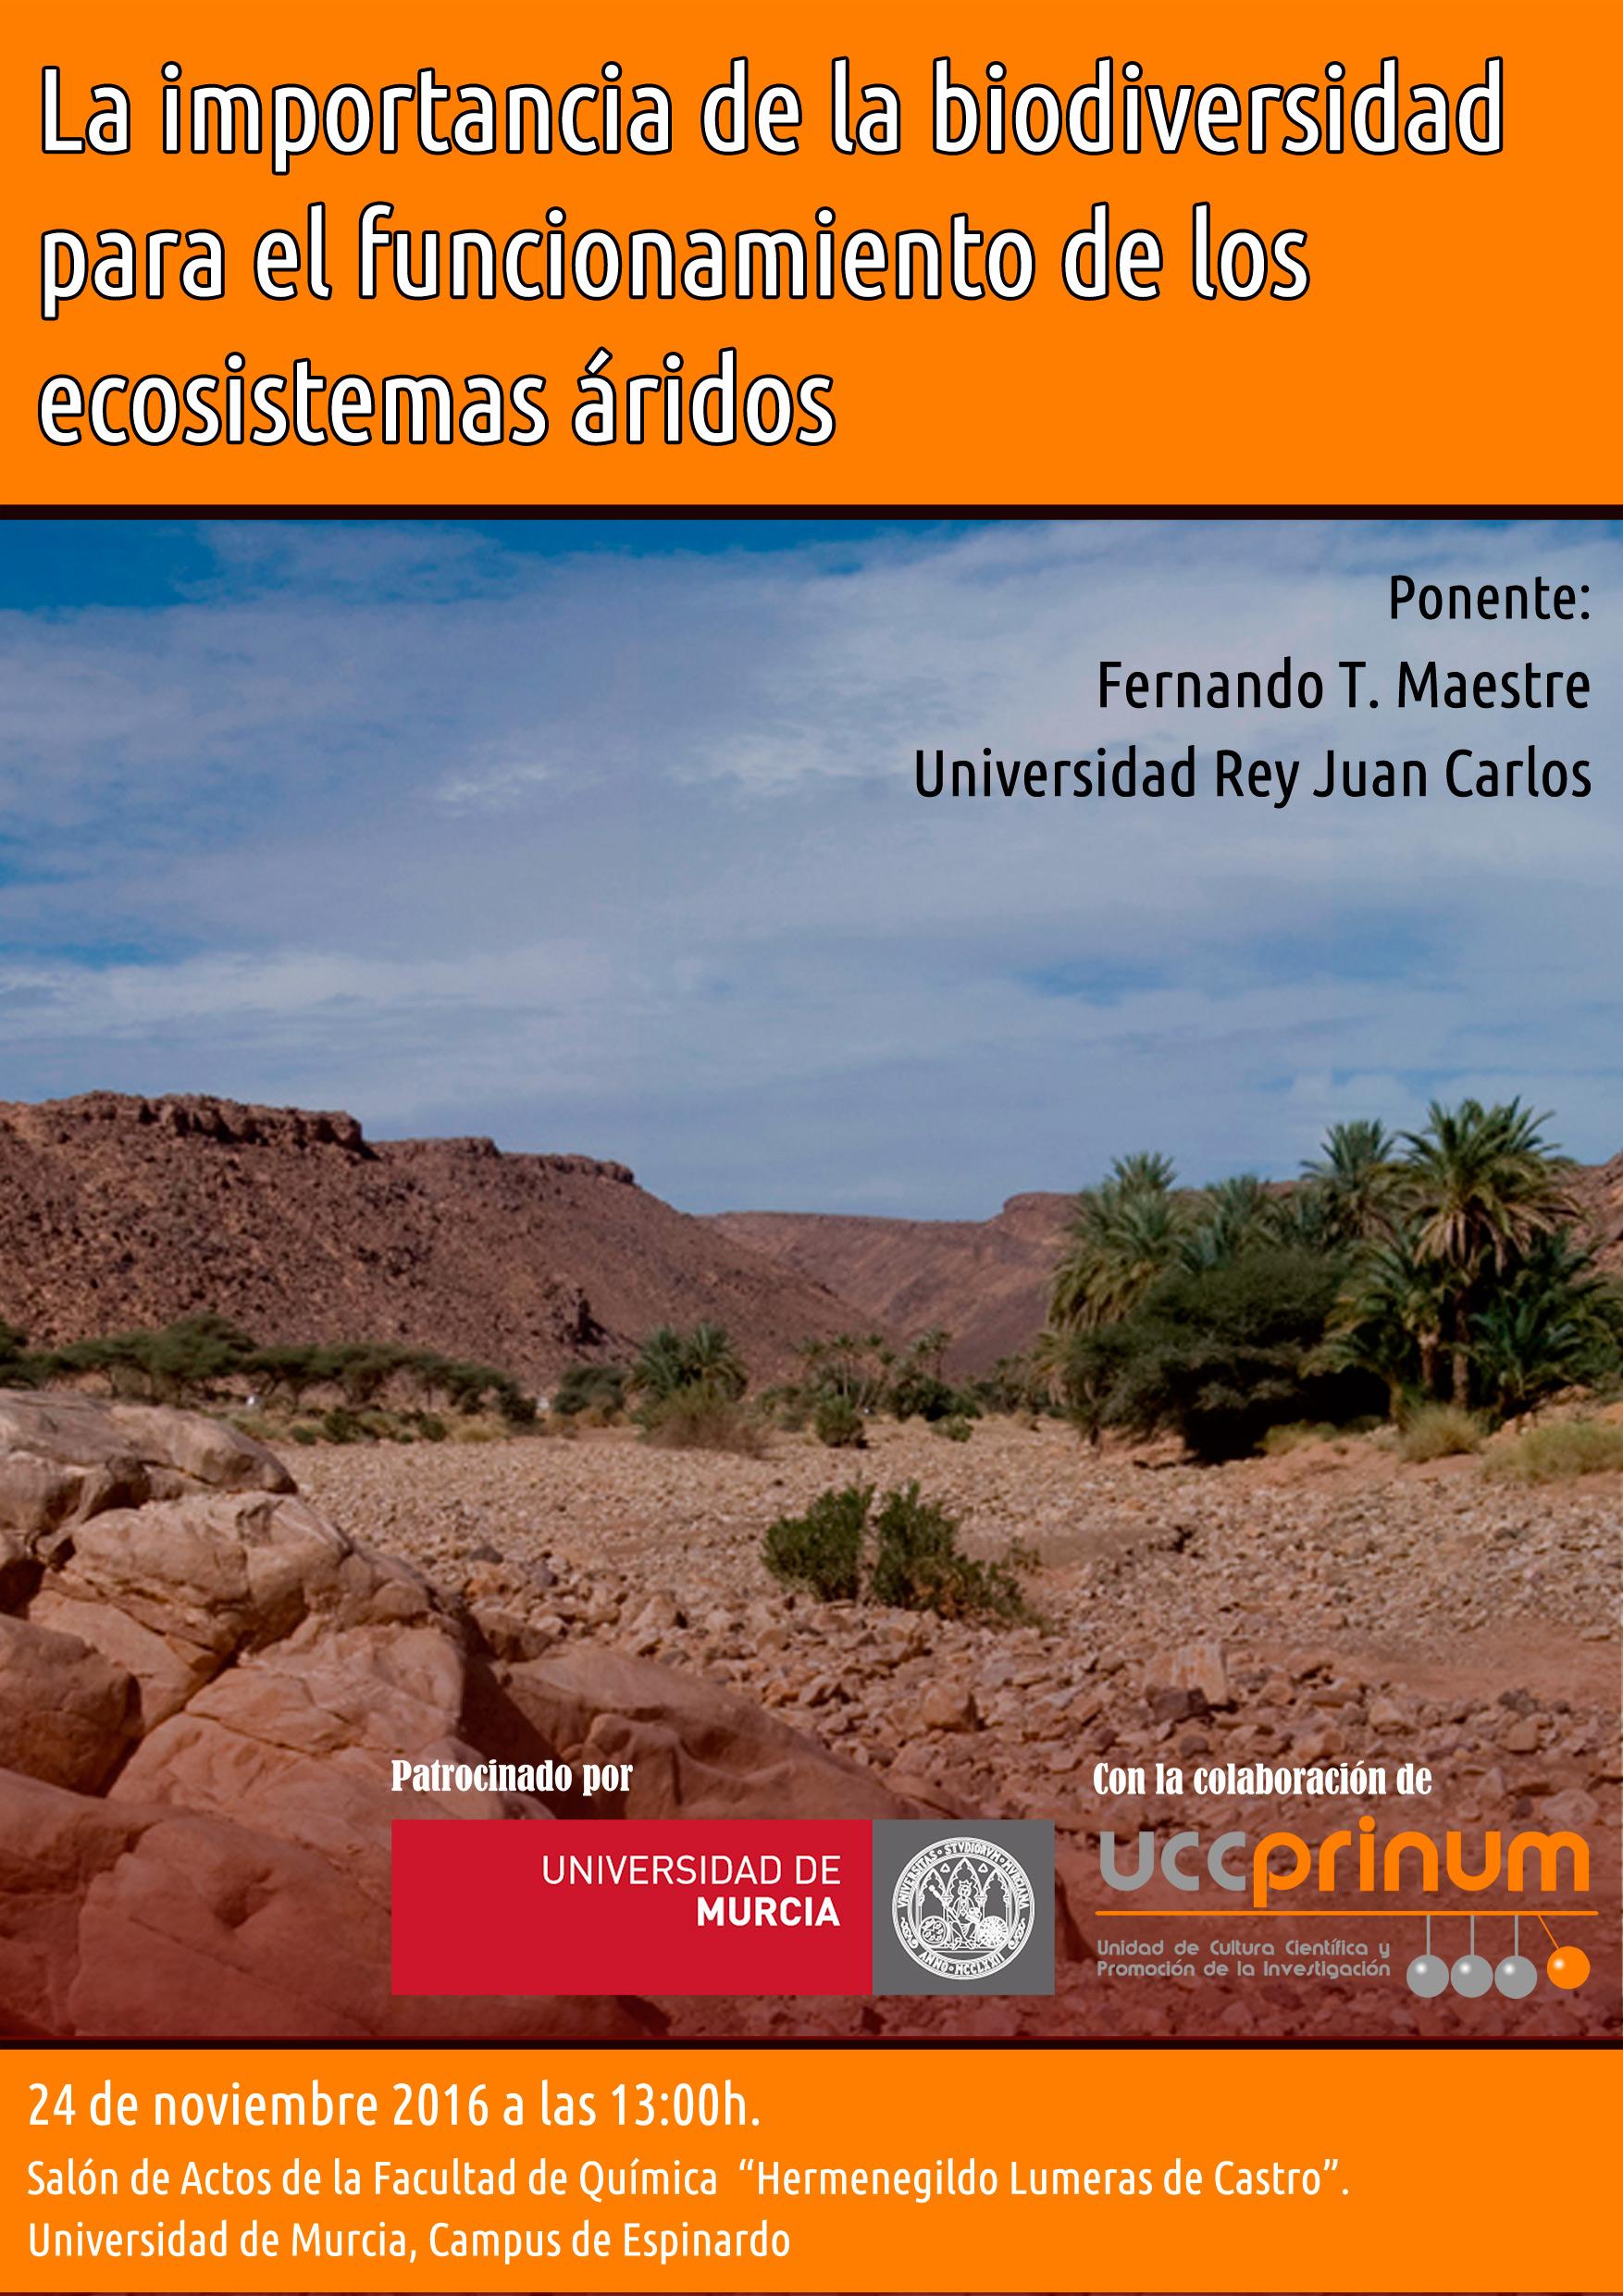 Conferencia sobre la biodiversidad en ecosistemas áridos, con UCC Prinum